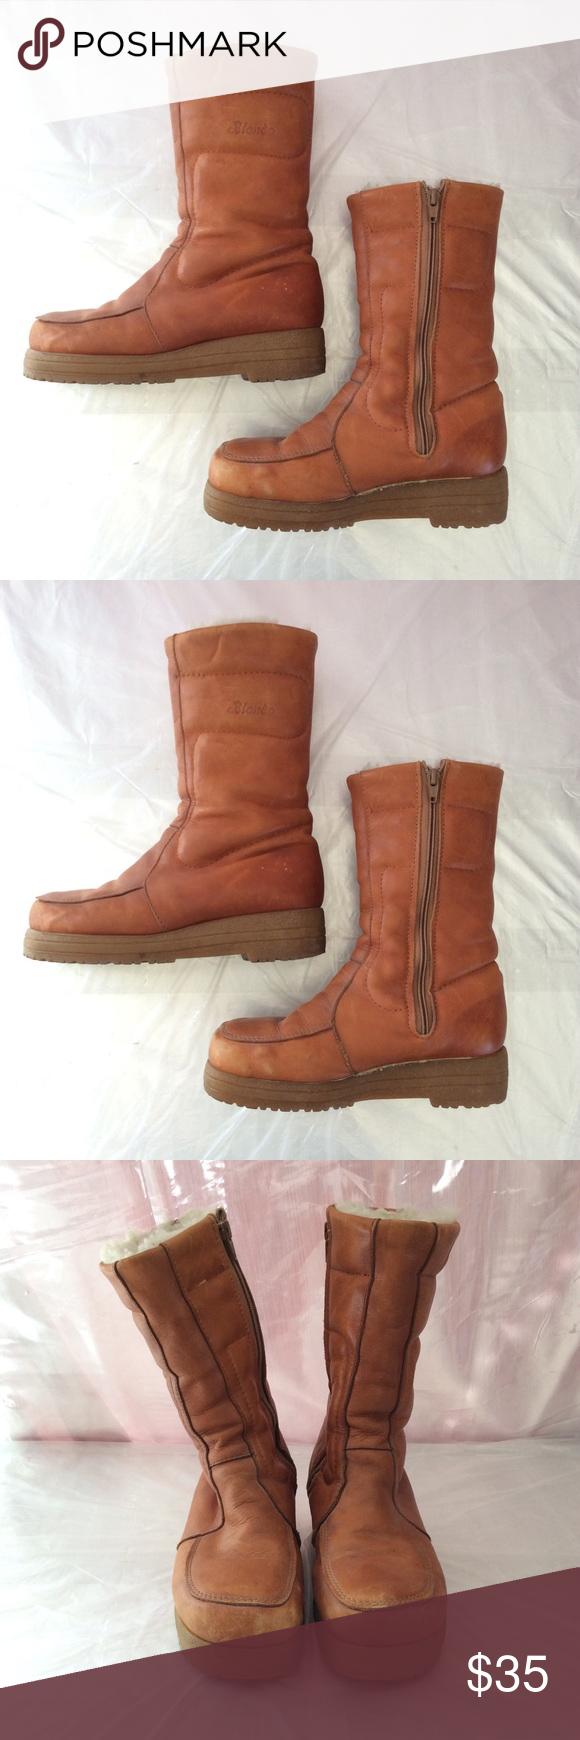 Vintage Blondo Boots Blondo Boots Boots Vintage Shoes